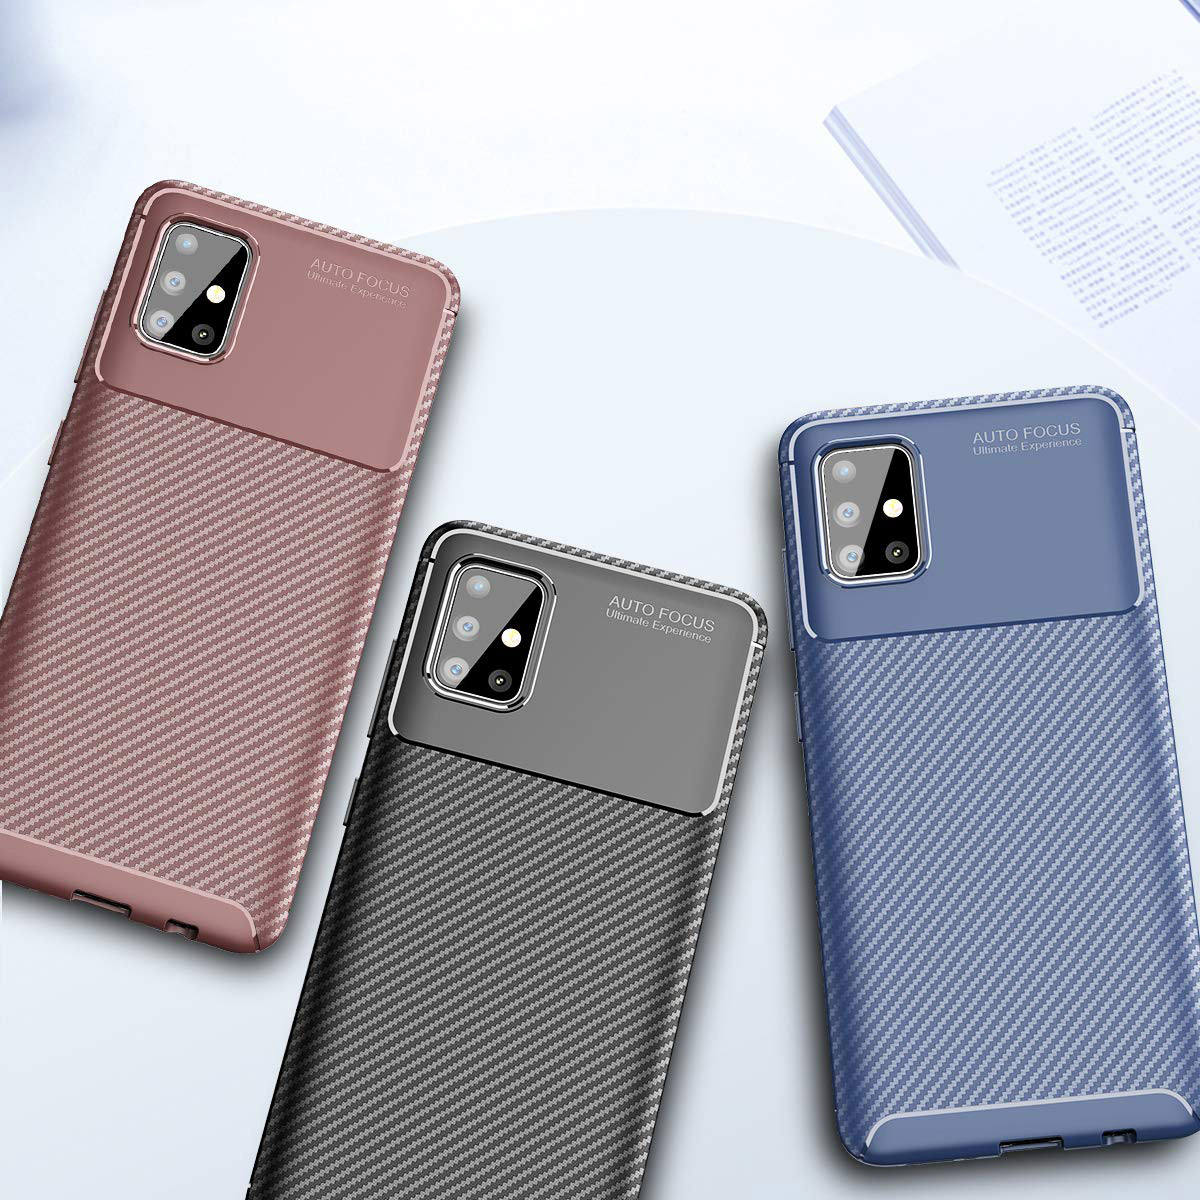 کاور لاین کینگ مدل A21 مناسب برای گوشی موبایل سامسونگ Galaxy A71 thumb 2 20